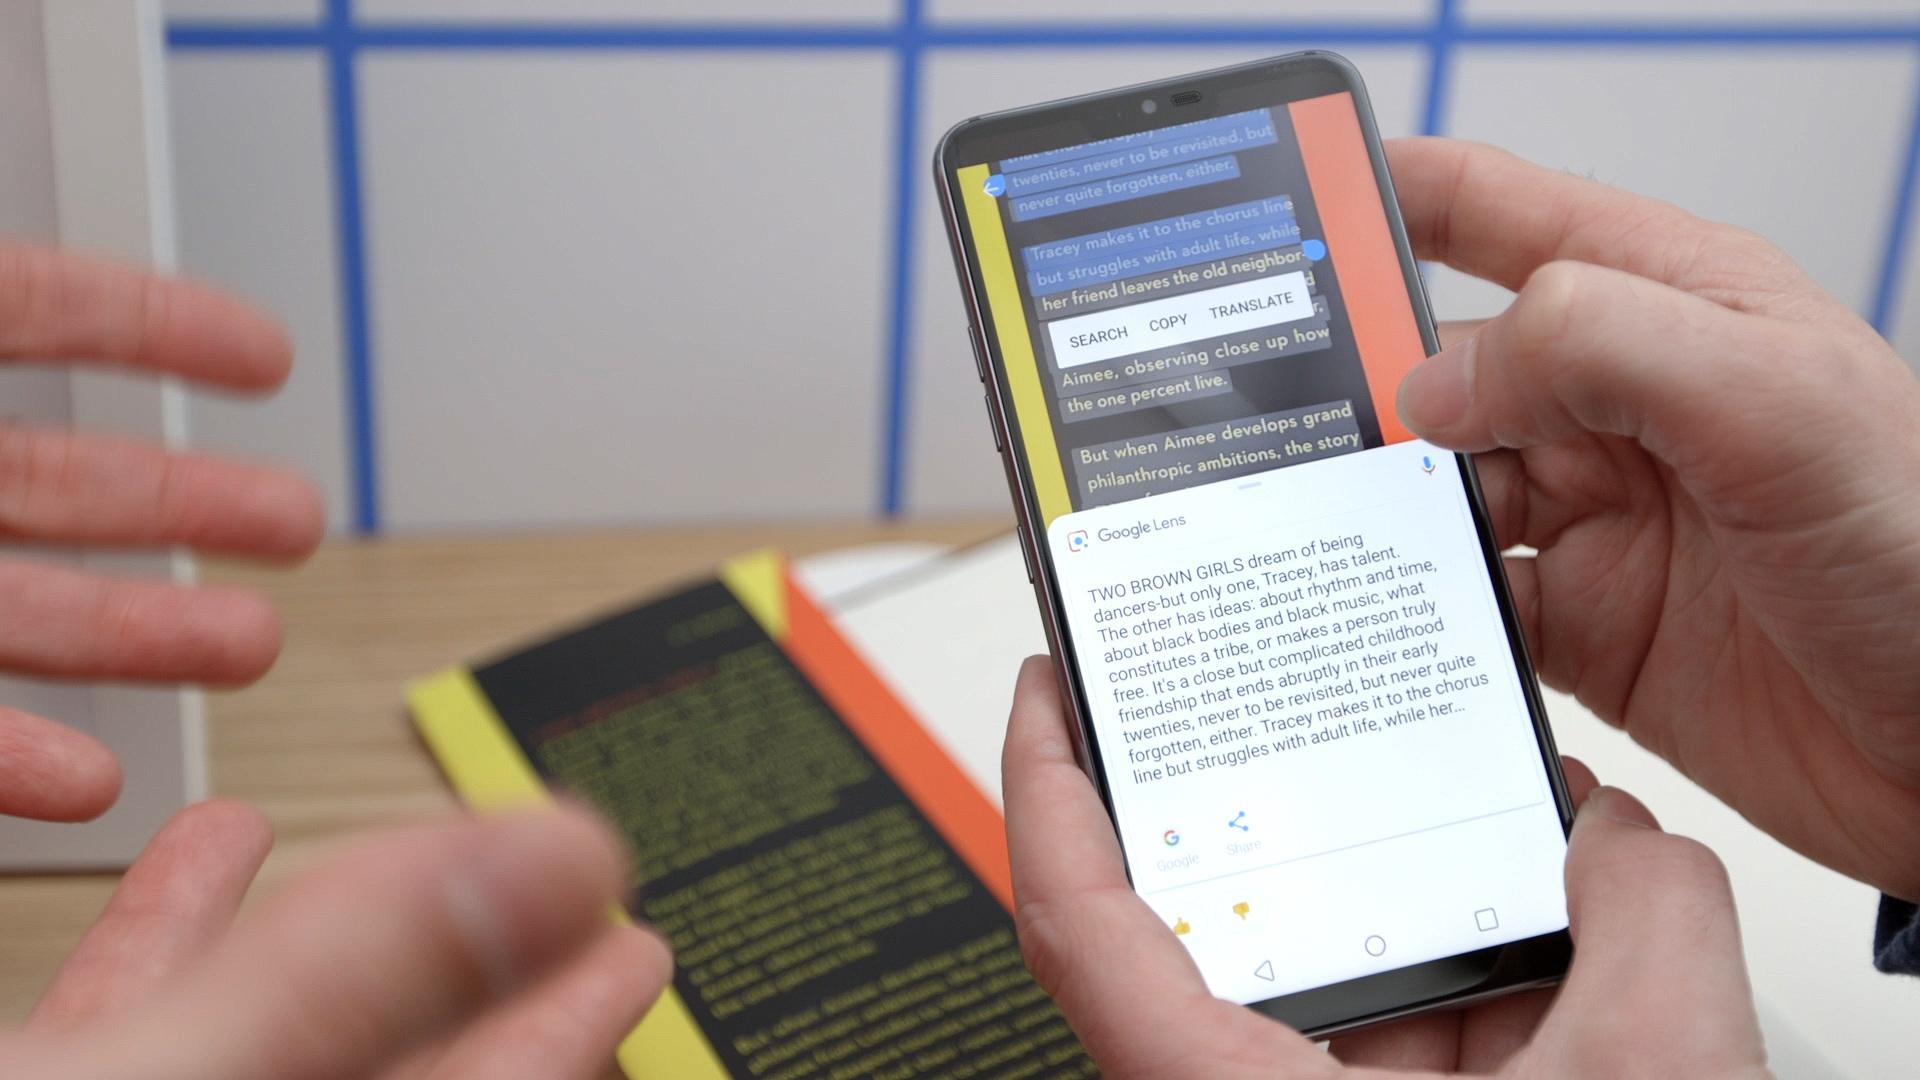 كيفية ترجمة النصوص باستخدام كاميرا هاتفك وخاصية Google Lens بدون إنترنت